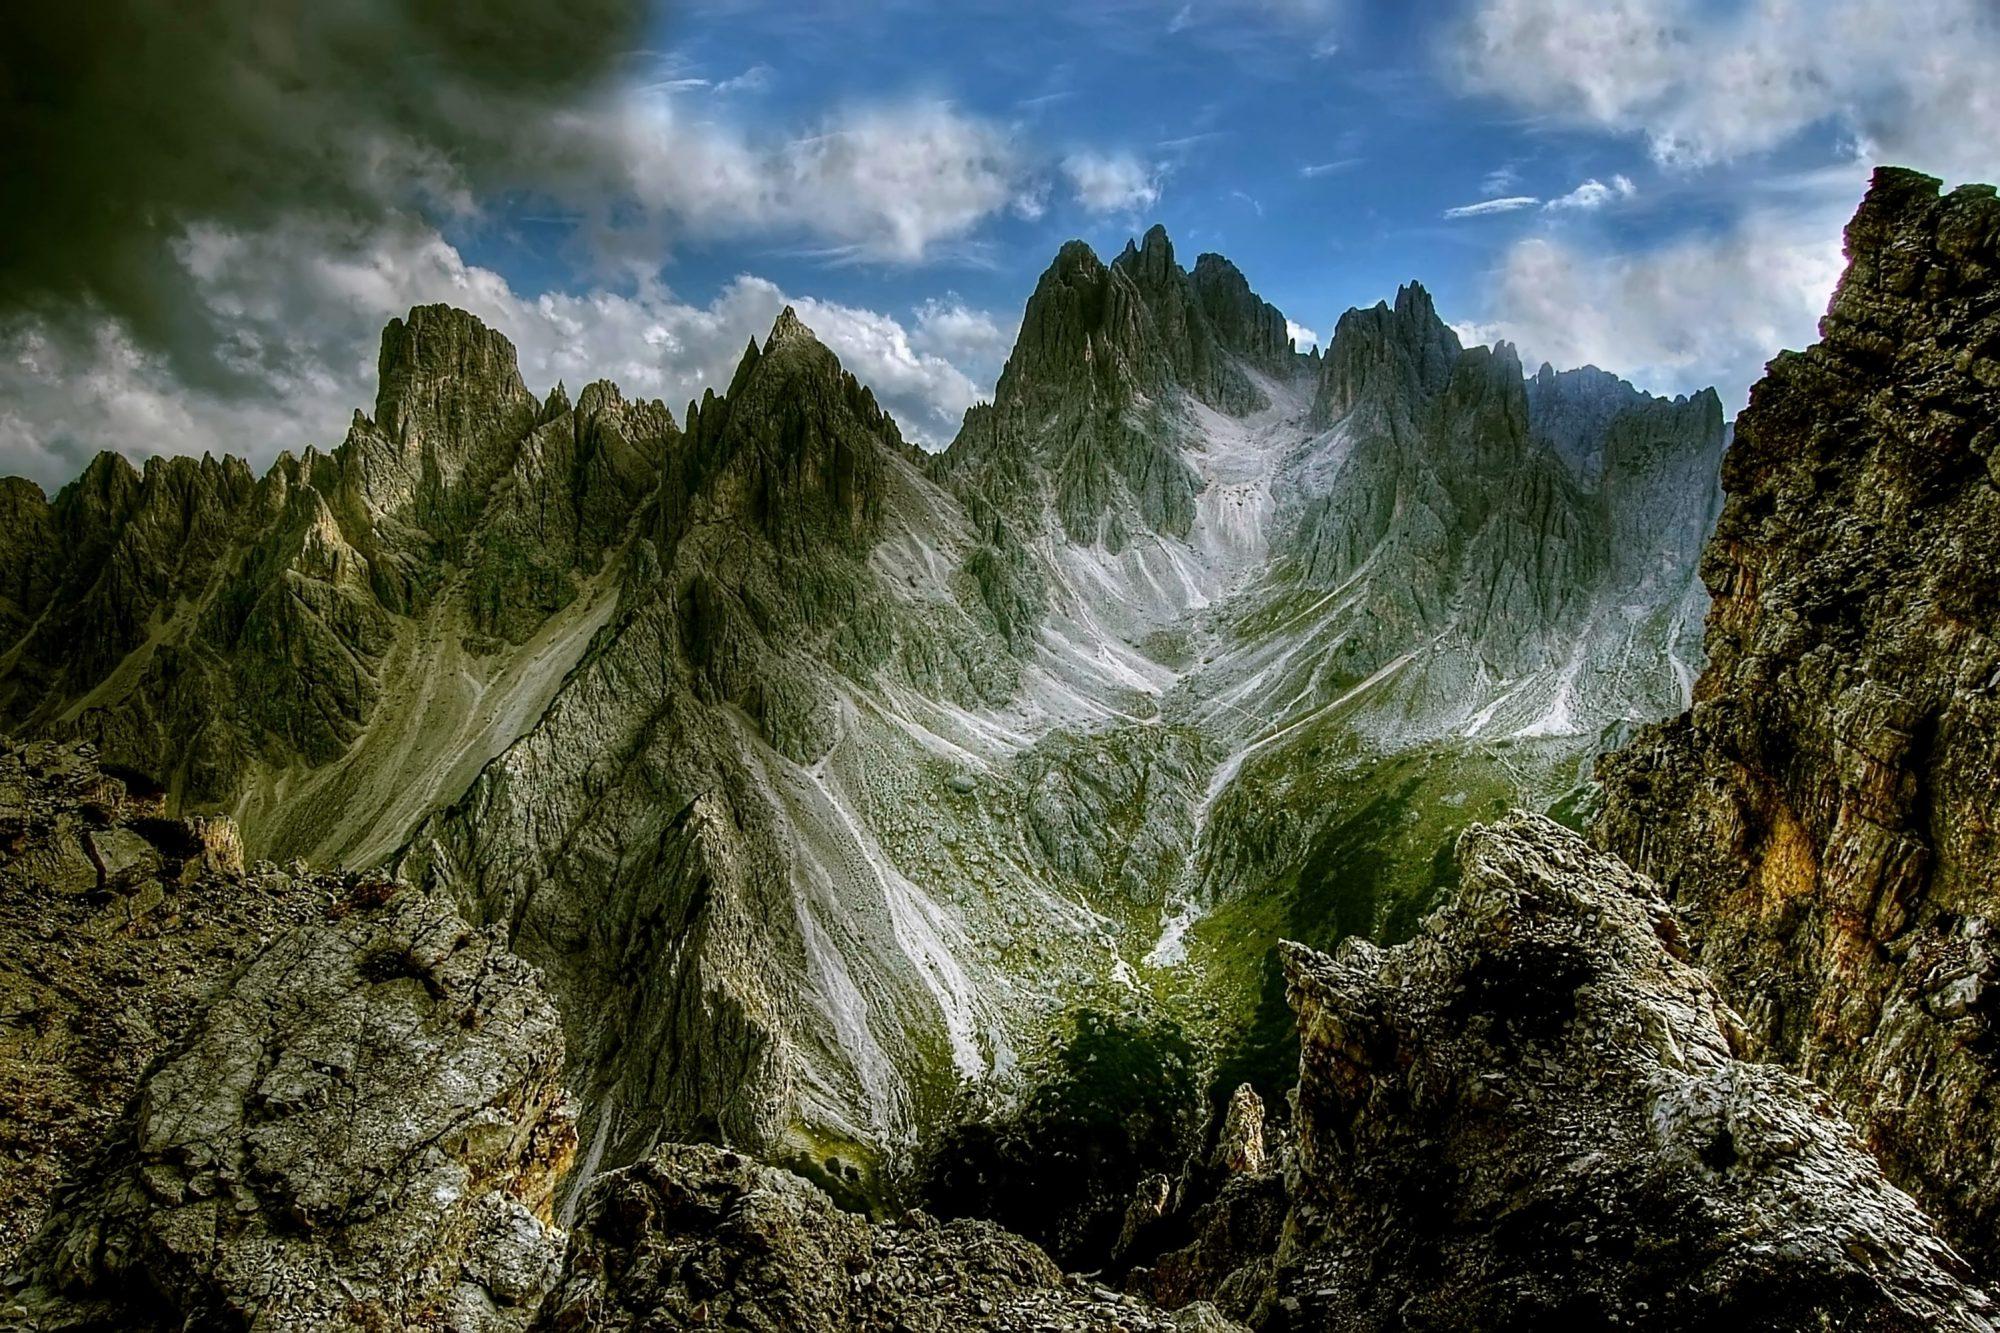 Iphone X Funny Wallpaper Dolomites Mountains Cadini Di Misurina Hd Wallpaper